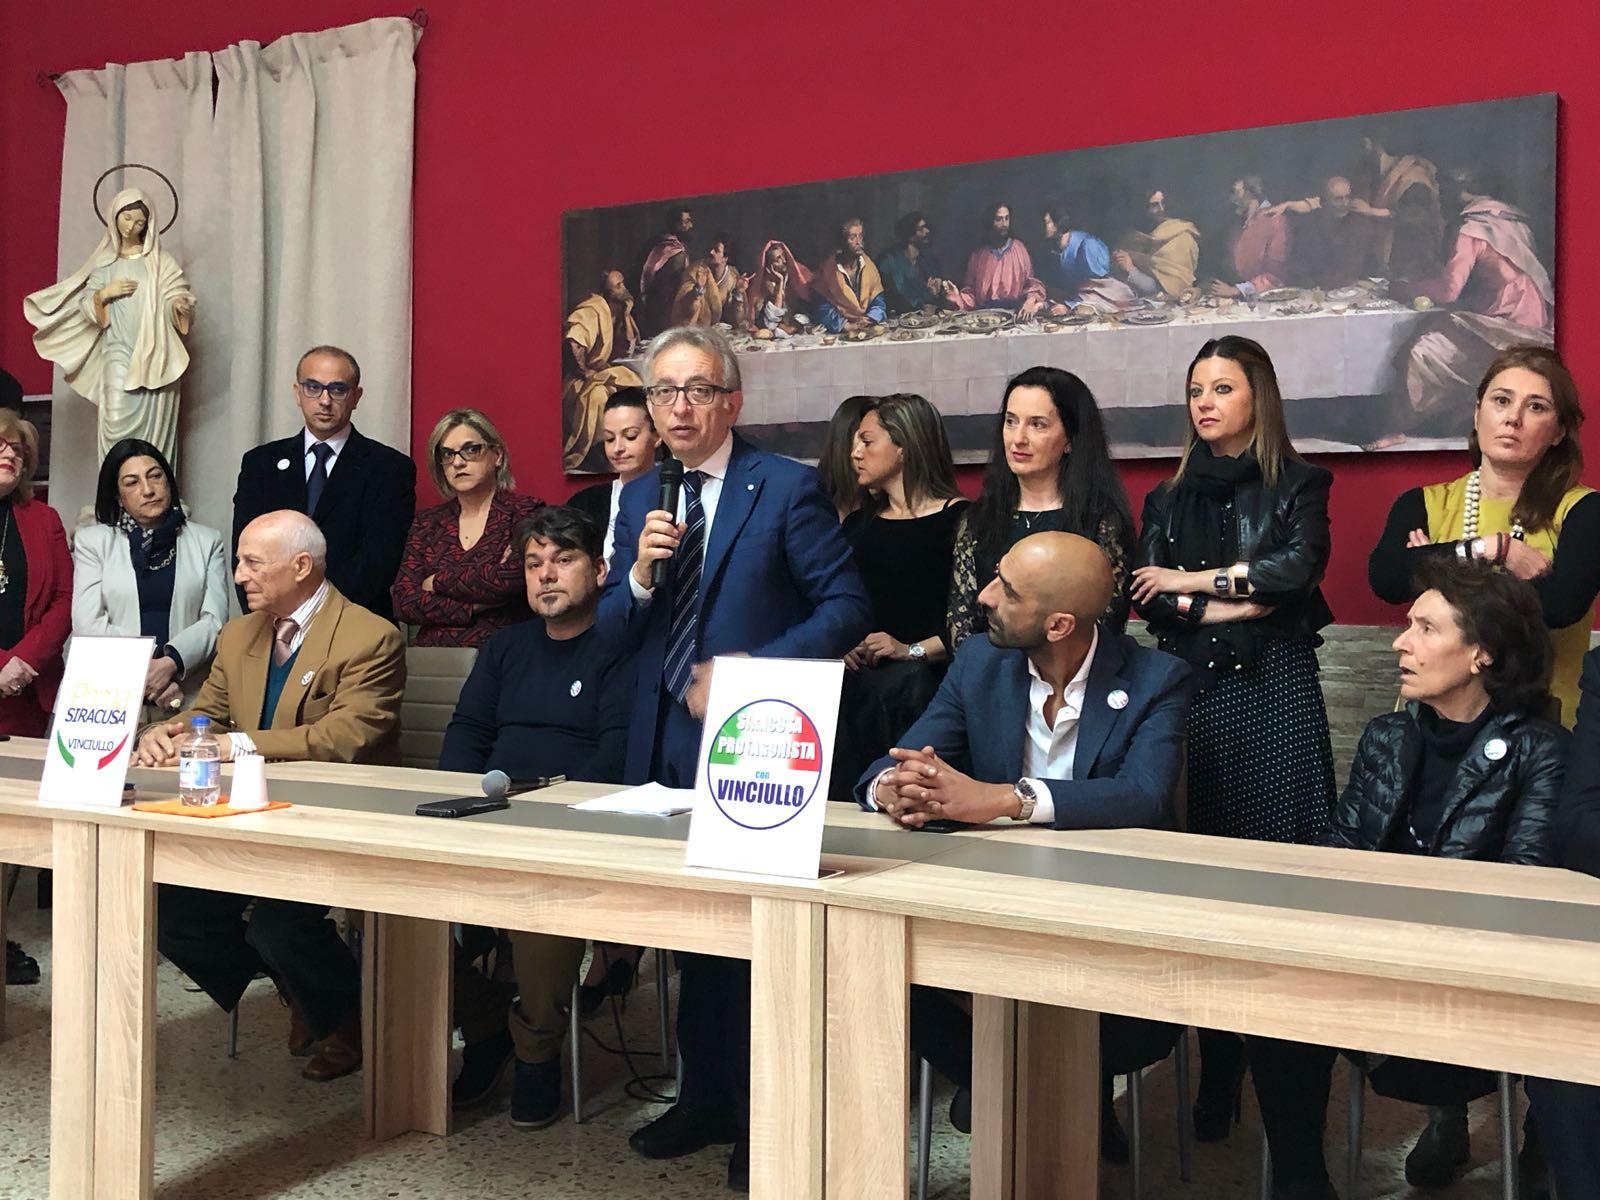 Elezioni, Vinciullo scalda i motori per diventare sindaco di Siracusa